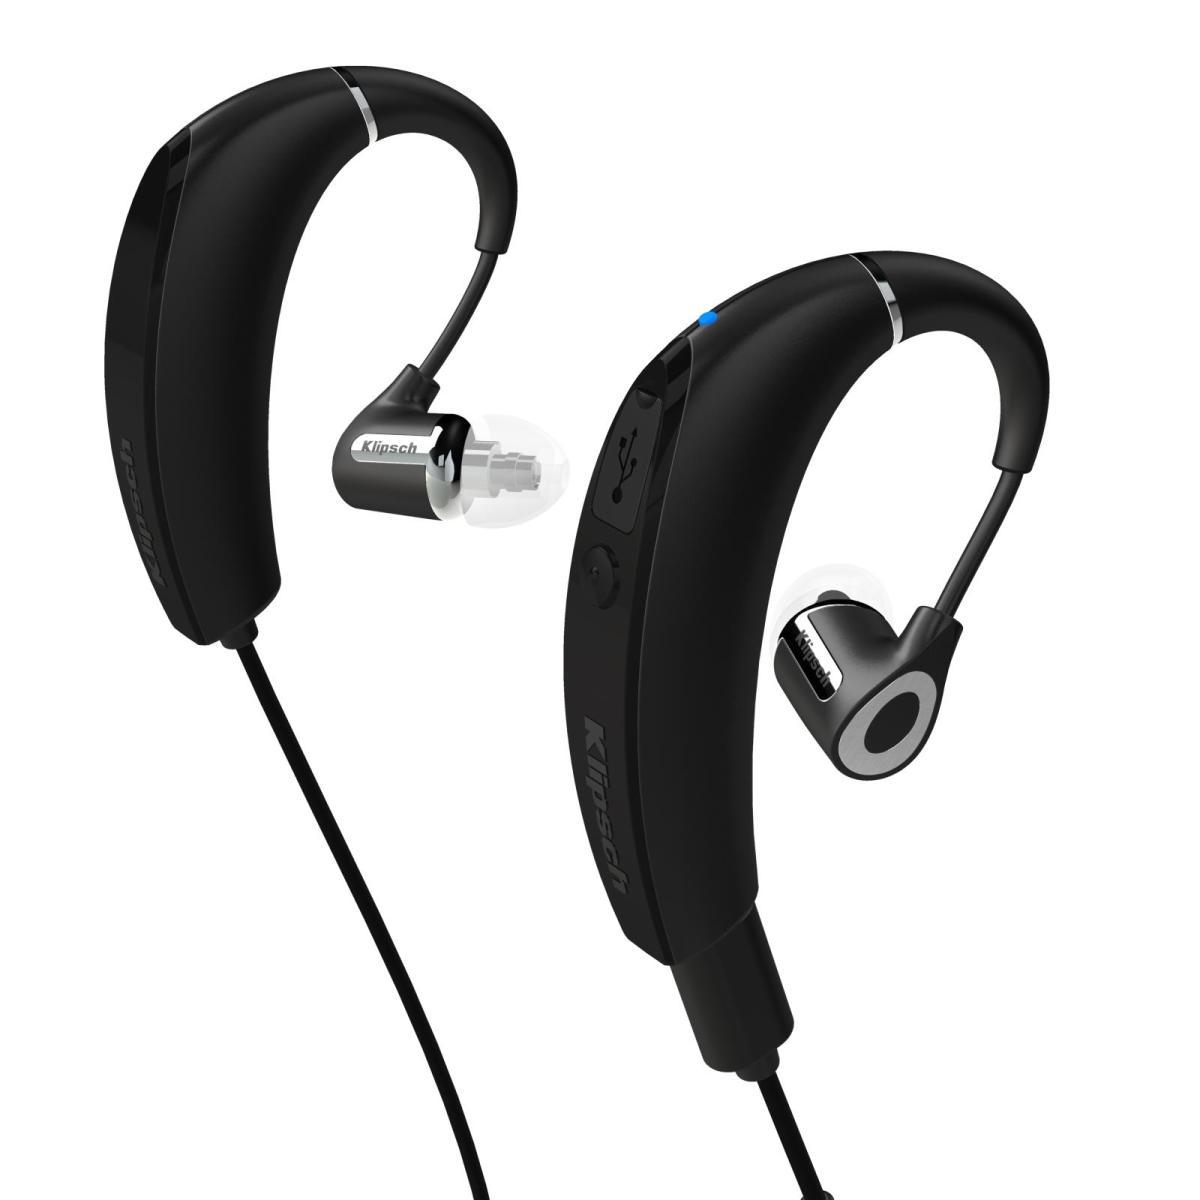 Powieksz do pelnego rozmiaru Klipsz, Klipsh, Klipch, Klipsch   R6In-Ear Bluetooth, R6 In-Ear Bluetooth, R6-In-Ear Bluetooth R6In-EarBluetooth, R6 In-EarBluetooth, R6-In-EarBluetooth R6In-Ear-Bluetooth, R6 In-Ear-Bluetooth, R6-In-Ear-Bluetooth  R6InEar Bluetooth, R6 InEar Bluetooth, R6-InEar Bluetooth R6InEarBluetooth, R6 InEarBluetooth, R6-InEarBluetooth R6InEar-Bluetooth, R6 InEar-Bluetooth, R6-InEar-Bluetooth  słuchawki przenośne, słuchawki dokanałowe, słuchawki bezprzewodowe, słuchawki bluetooth, słuchawki do iPod, słuchawki do iPad, słuchawki do iPhone, słuchawki do MP3, słuchawki do odtwarzacza MP3, słuchawki MP3, słuchawki z pilotem, słuchawki ze sterowaniem słuchawki zamknięte, słuchawki dokanałowe